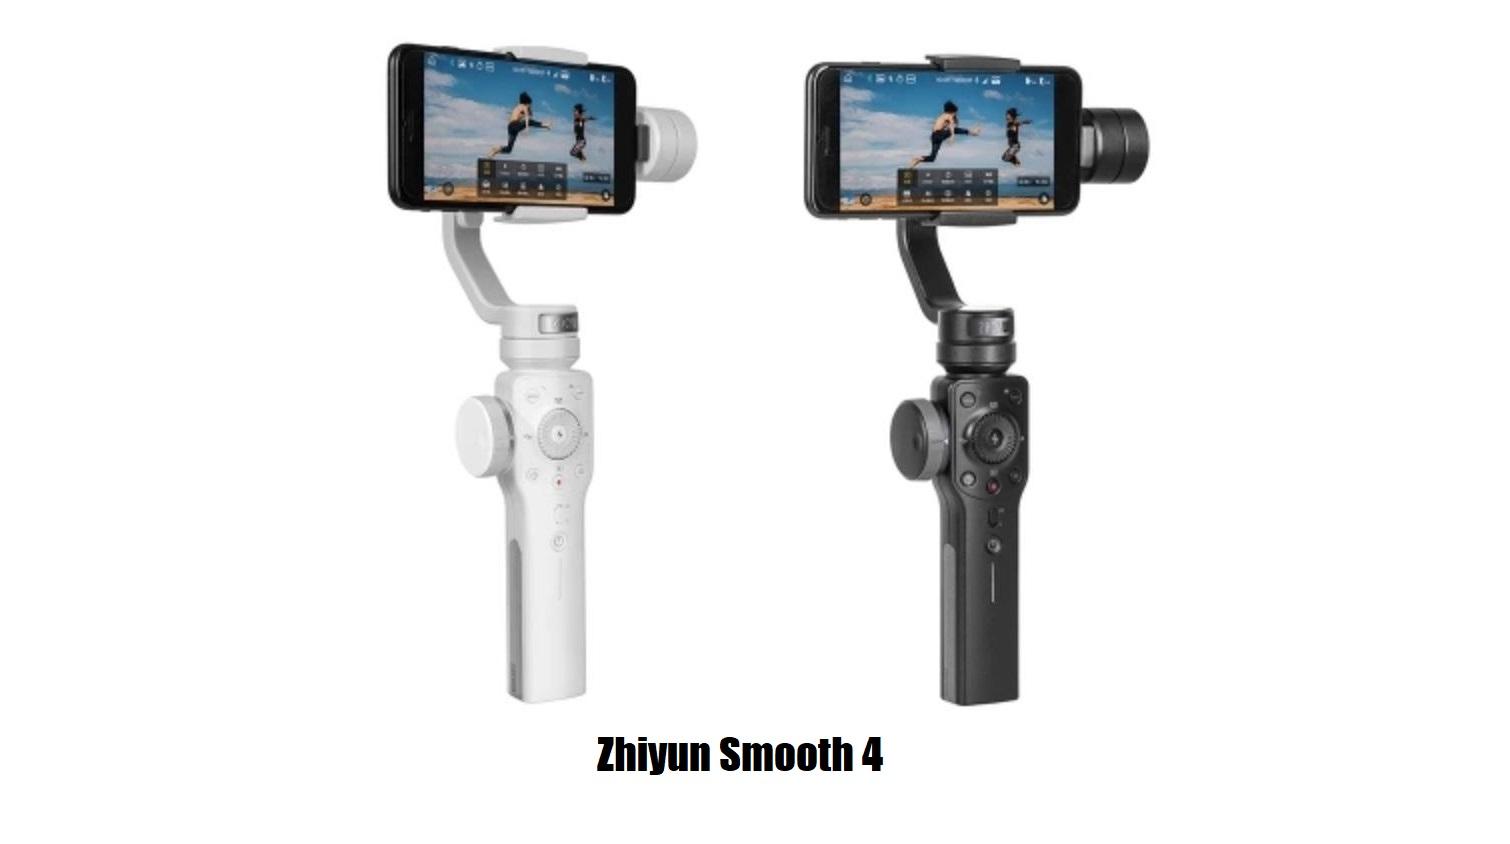 Zhiyun Smooth 4 Pros and Cons